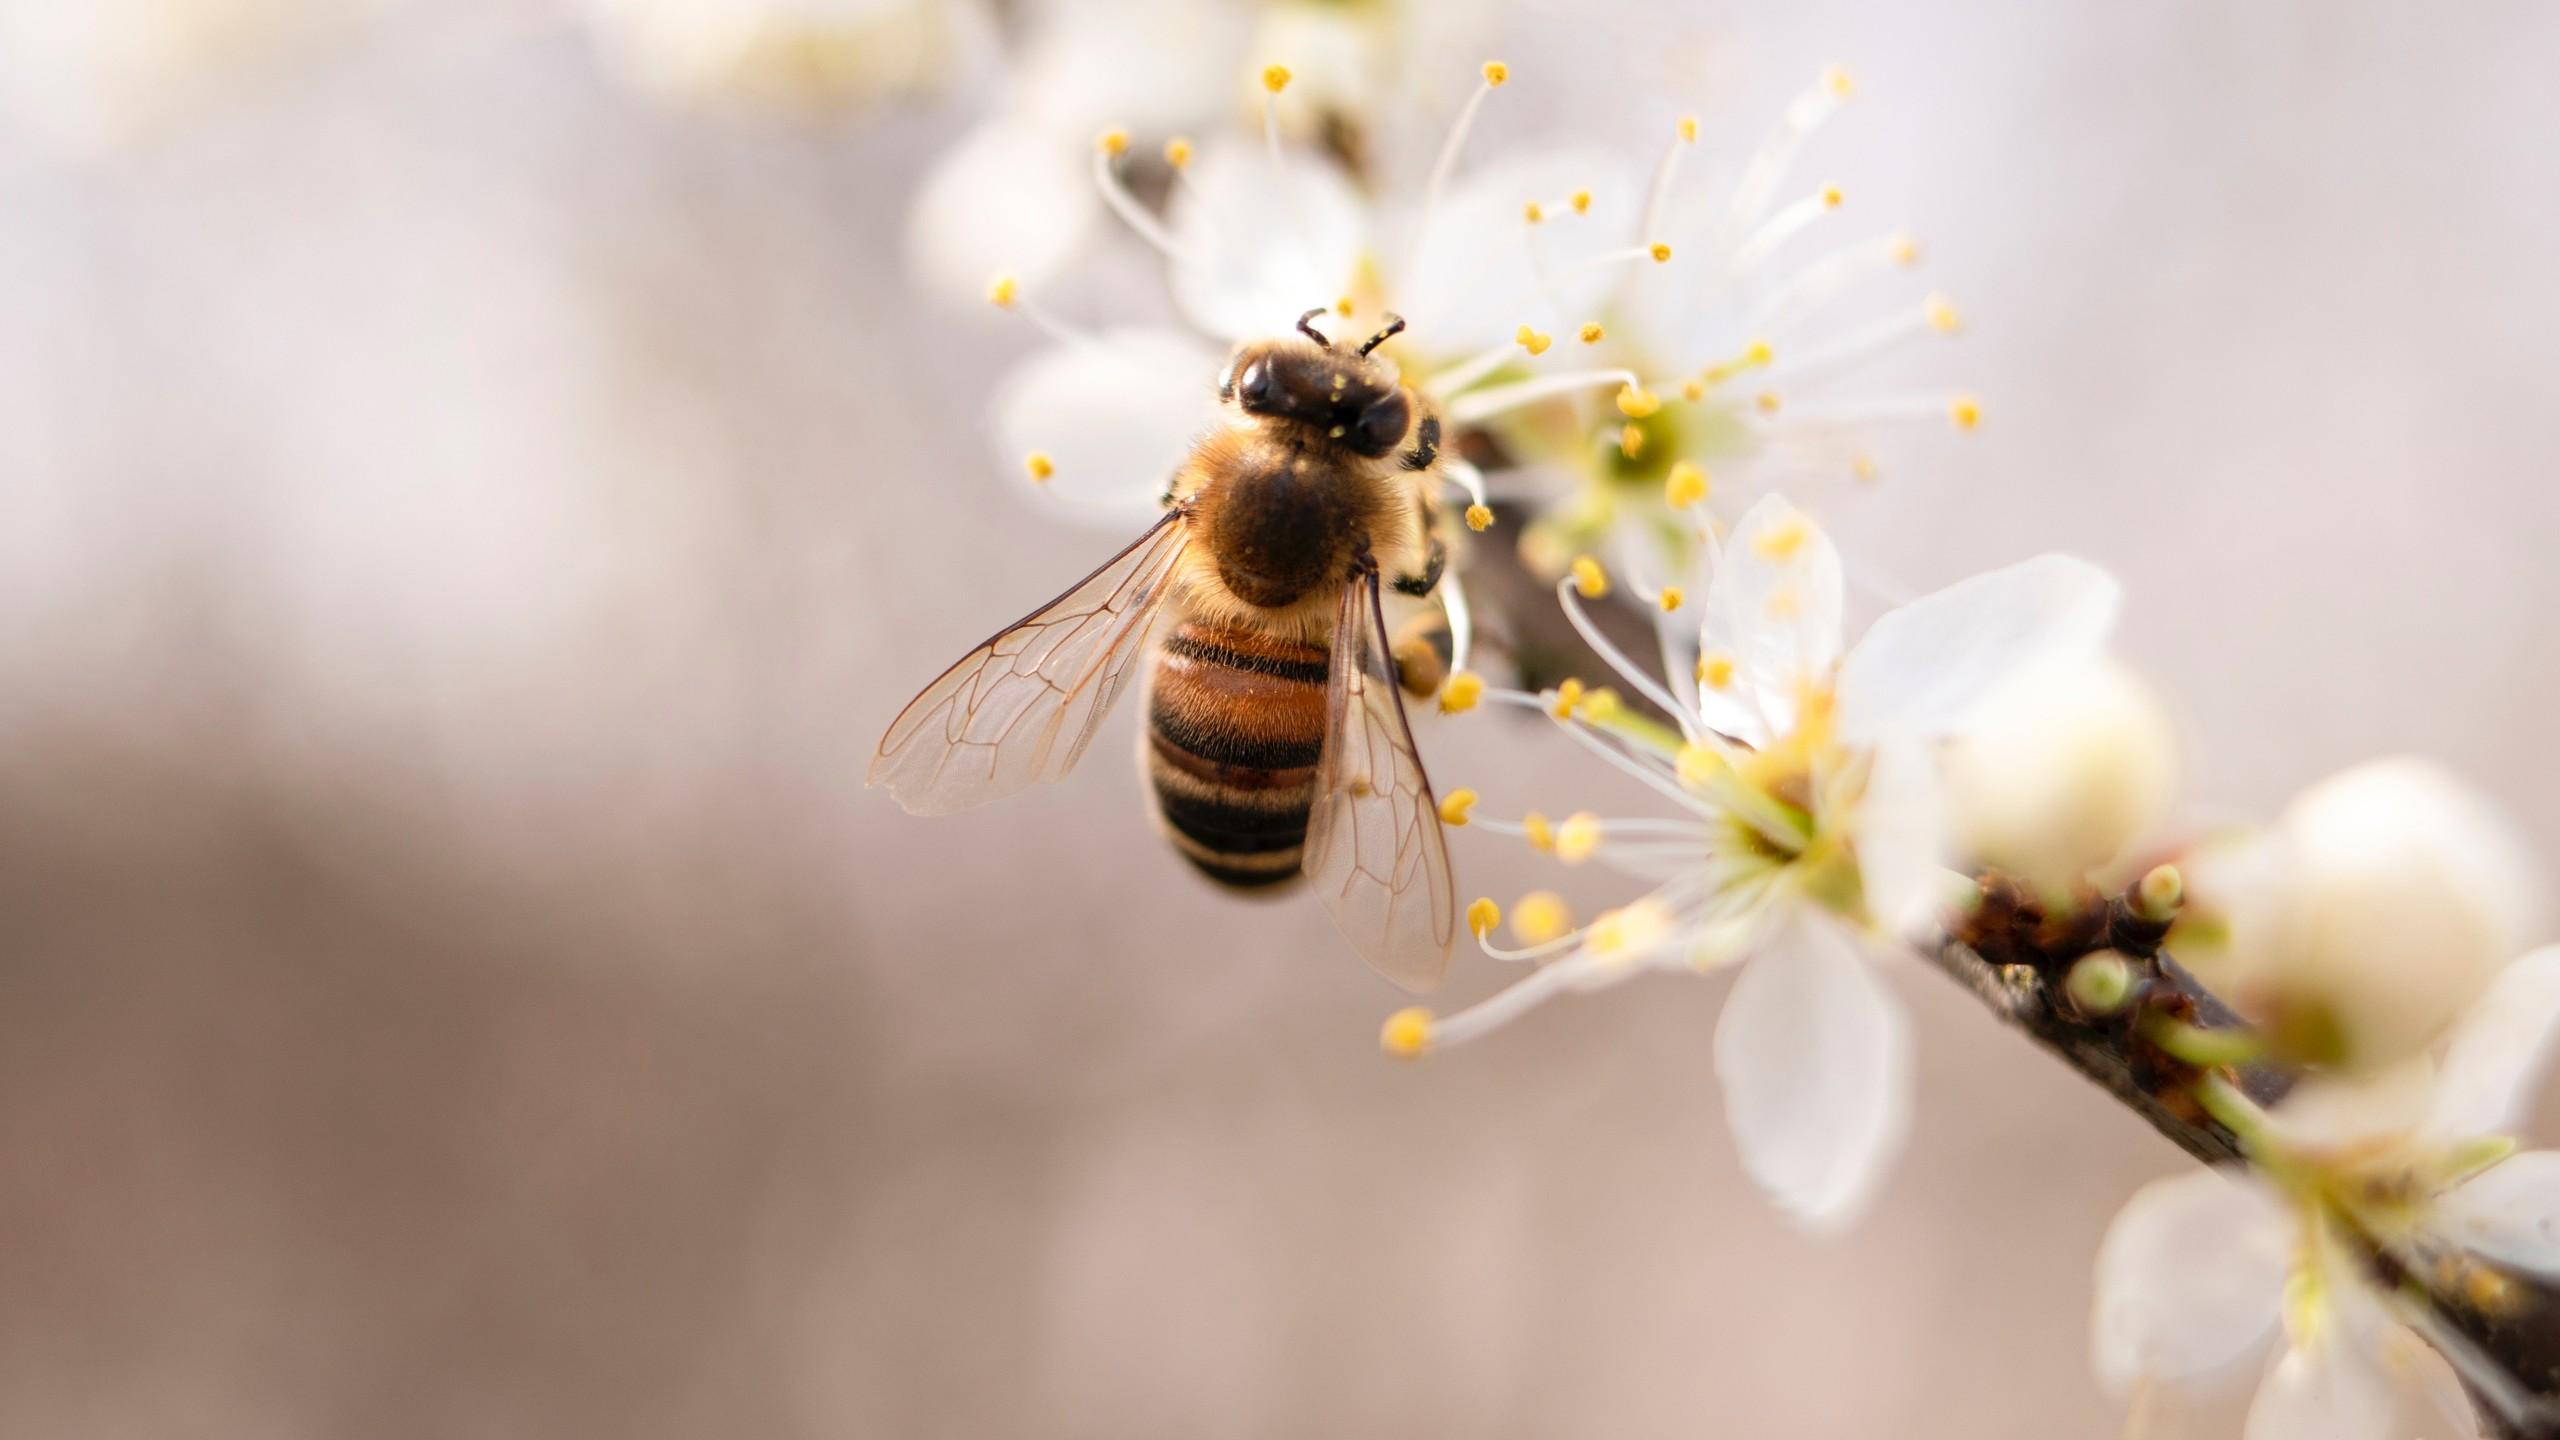 çiçek, arı, bal